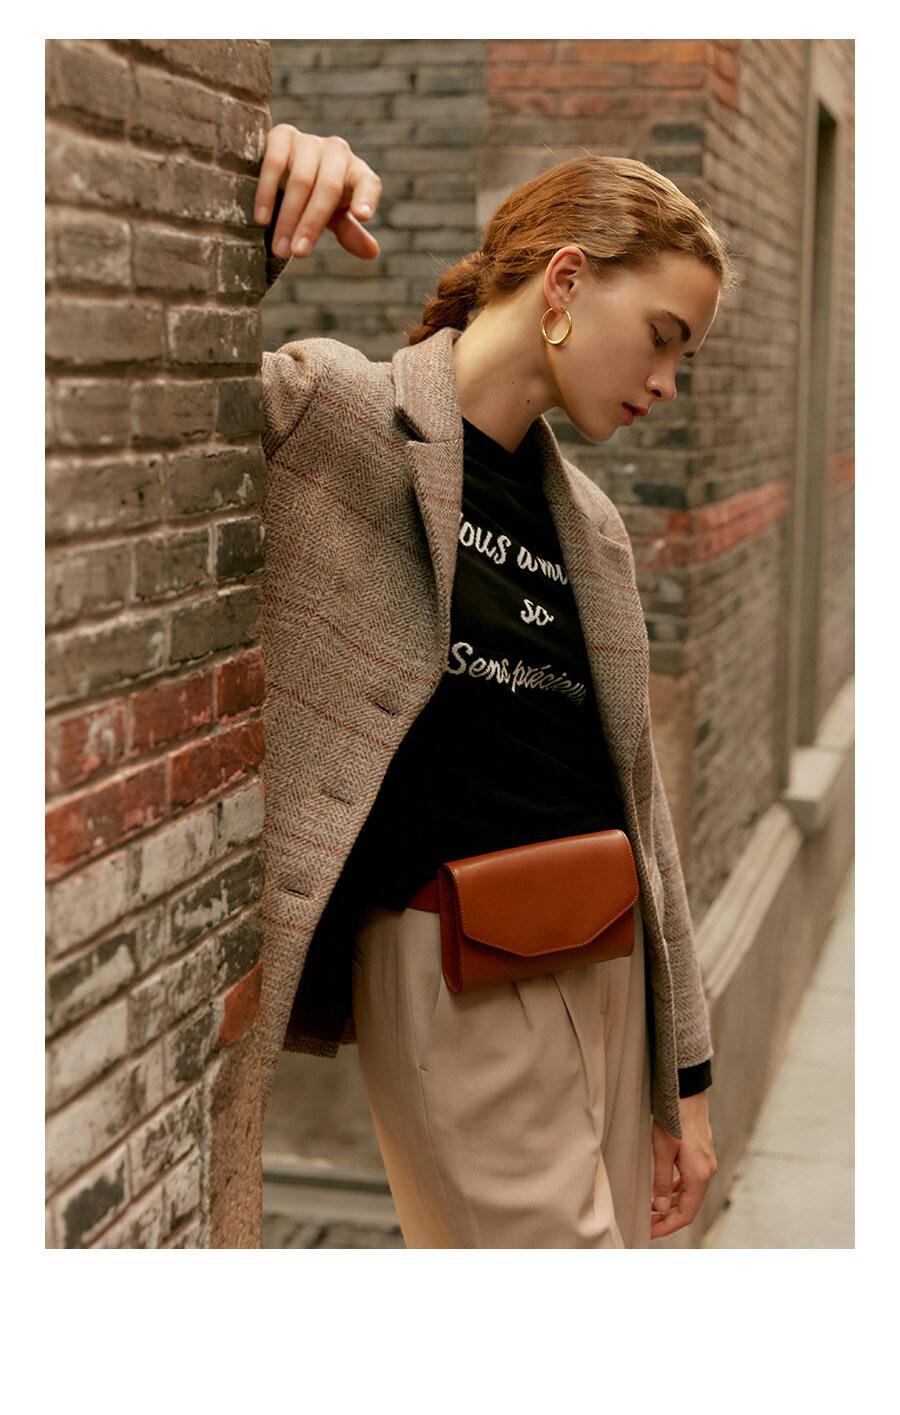 레이브(RAIVE) Leather Belt Bag in brown_VL9AX0290